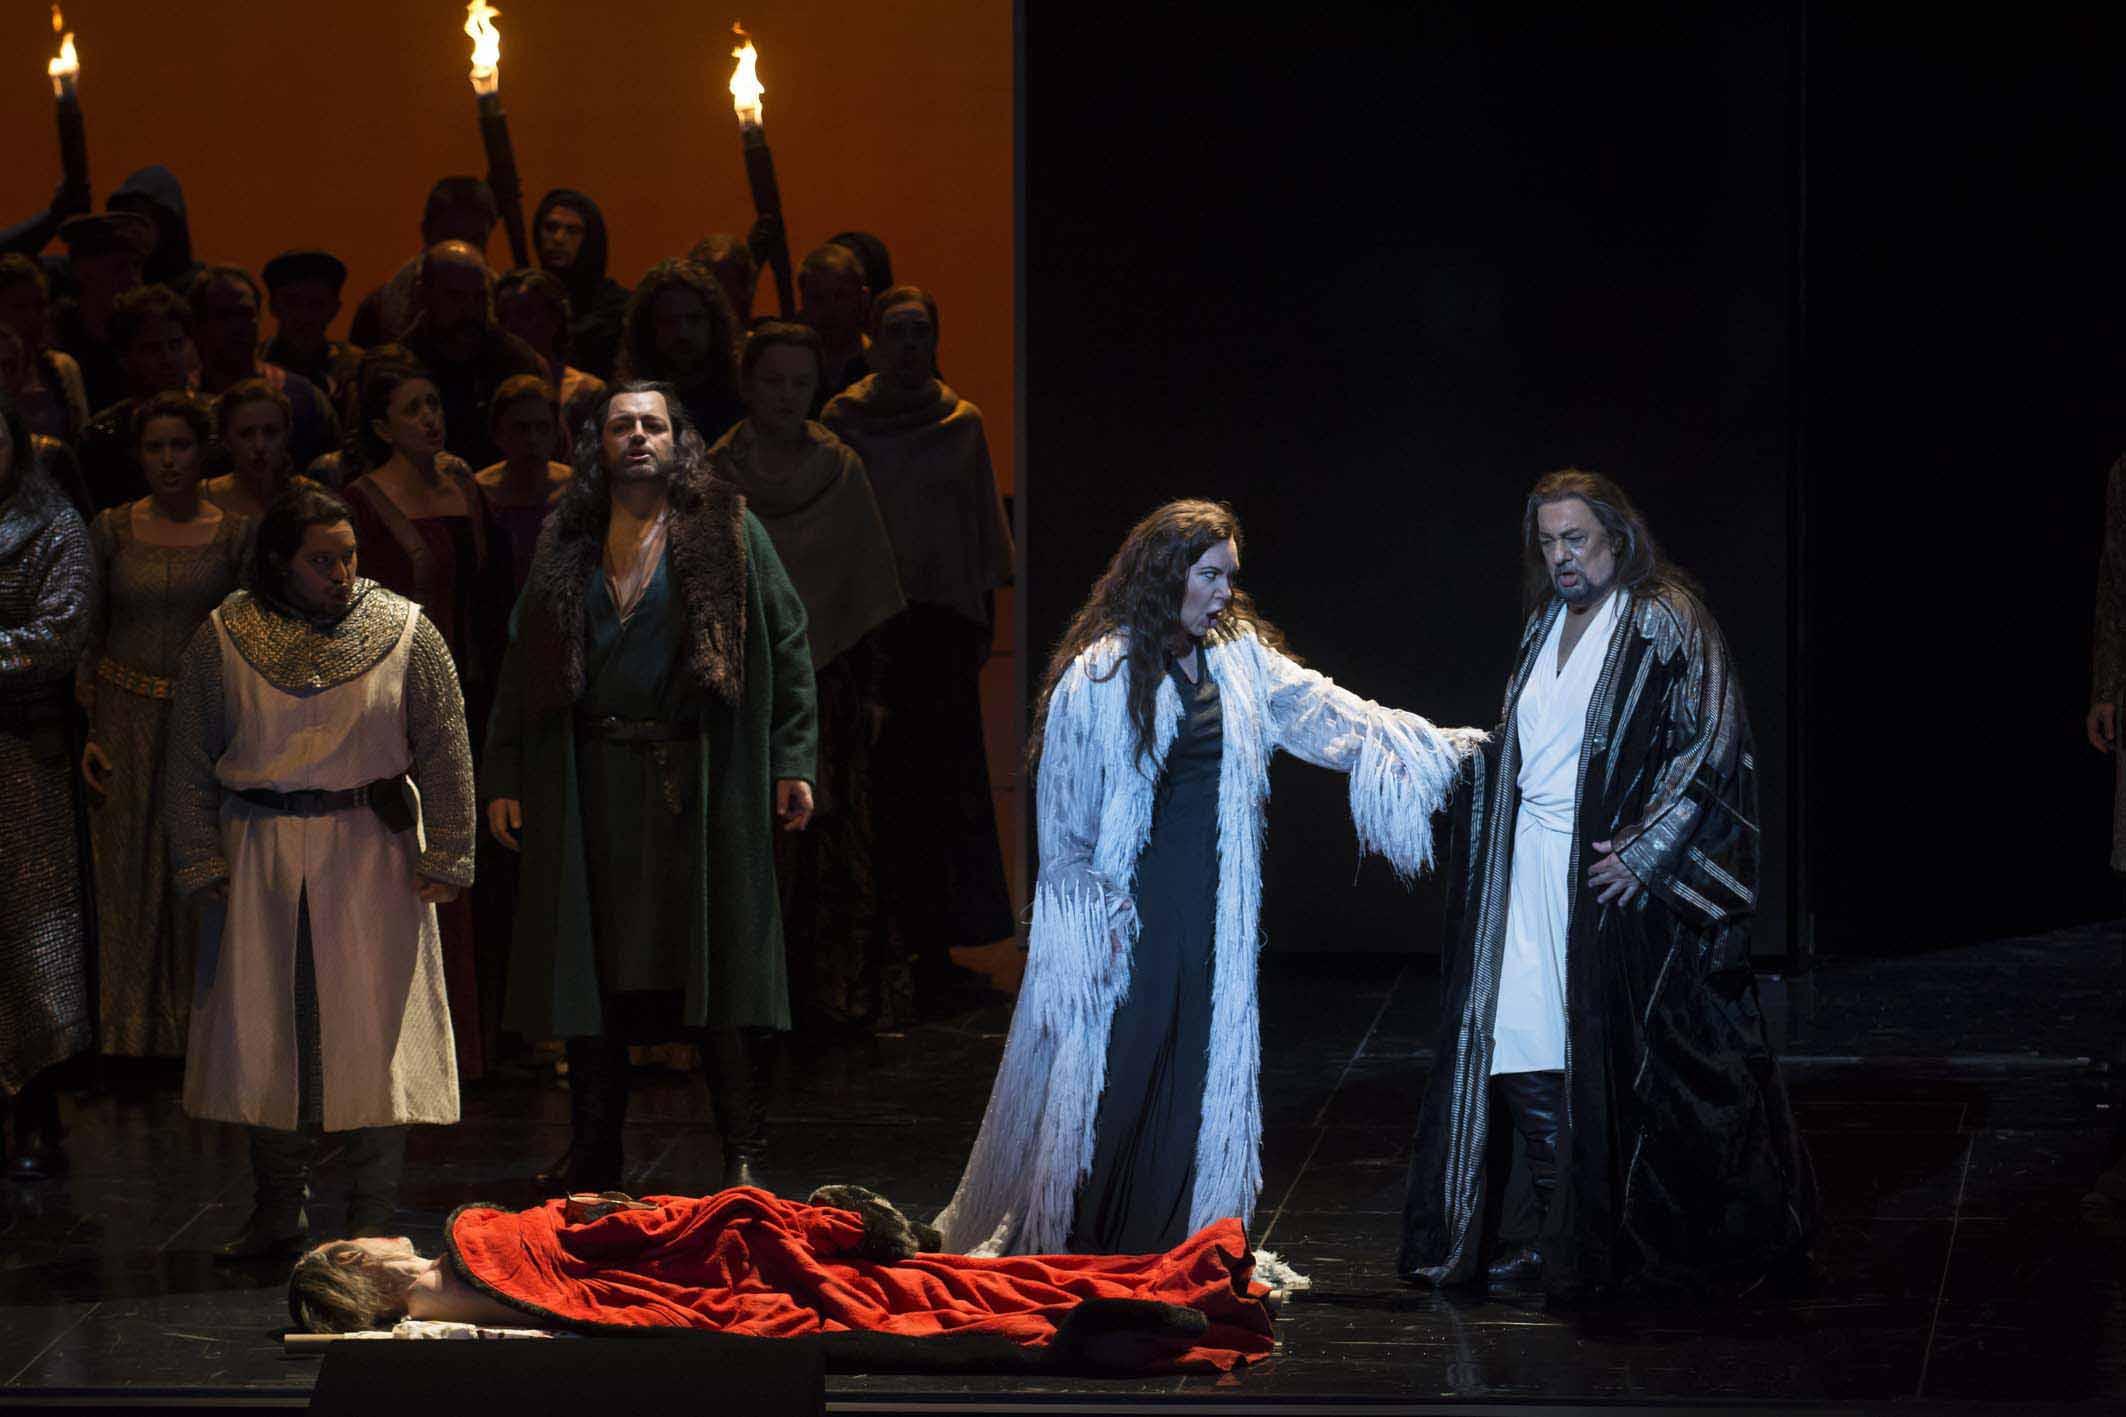 Les Arts acoge el ensallo general de Macbeth, de Verdi, com Plácido Domingo com protagonista